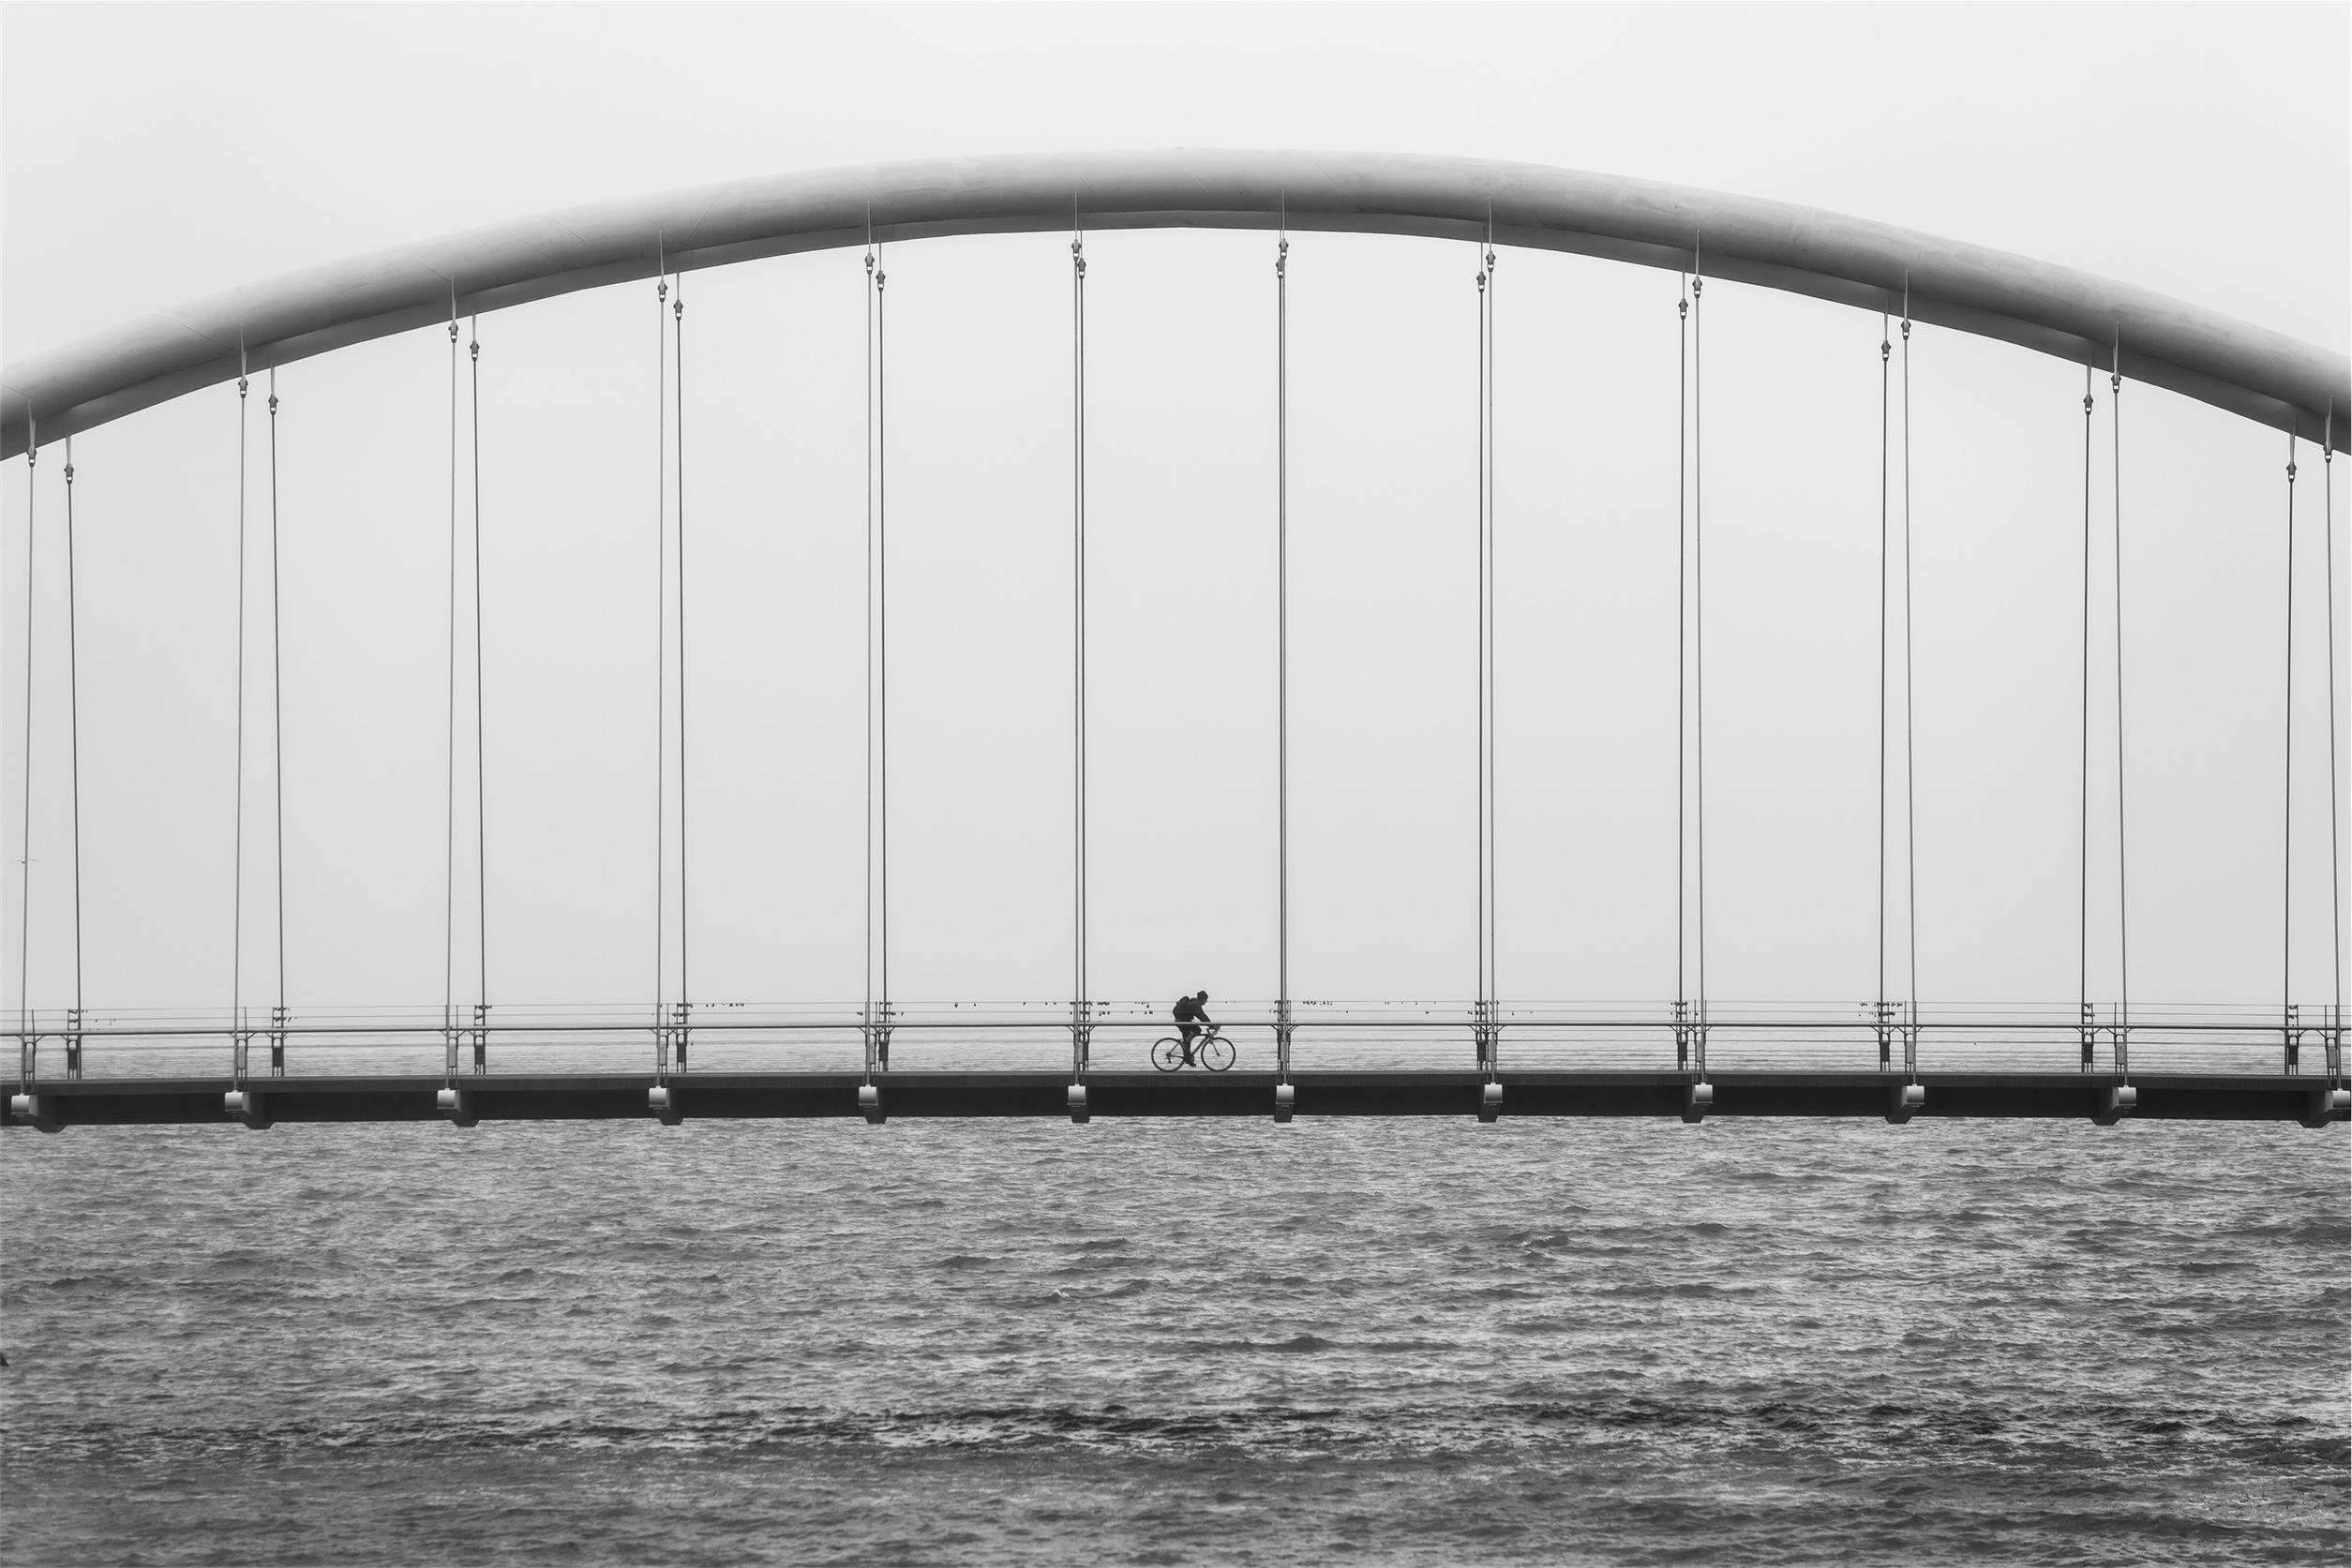 Public Domain Images Bicycle Bridge Black White River